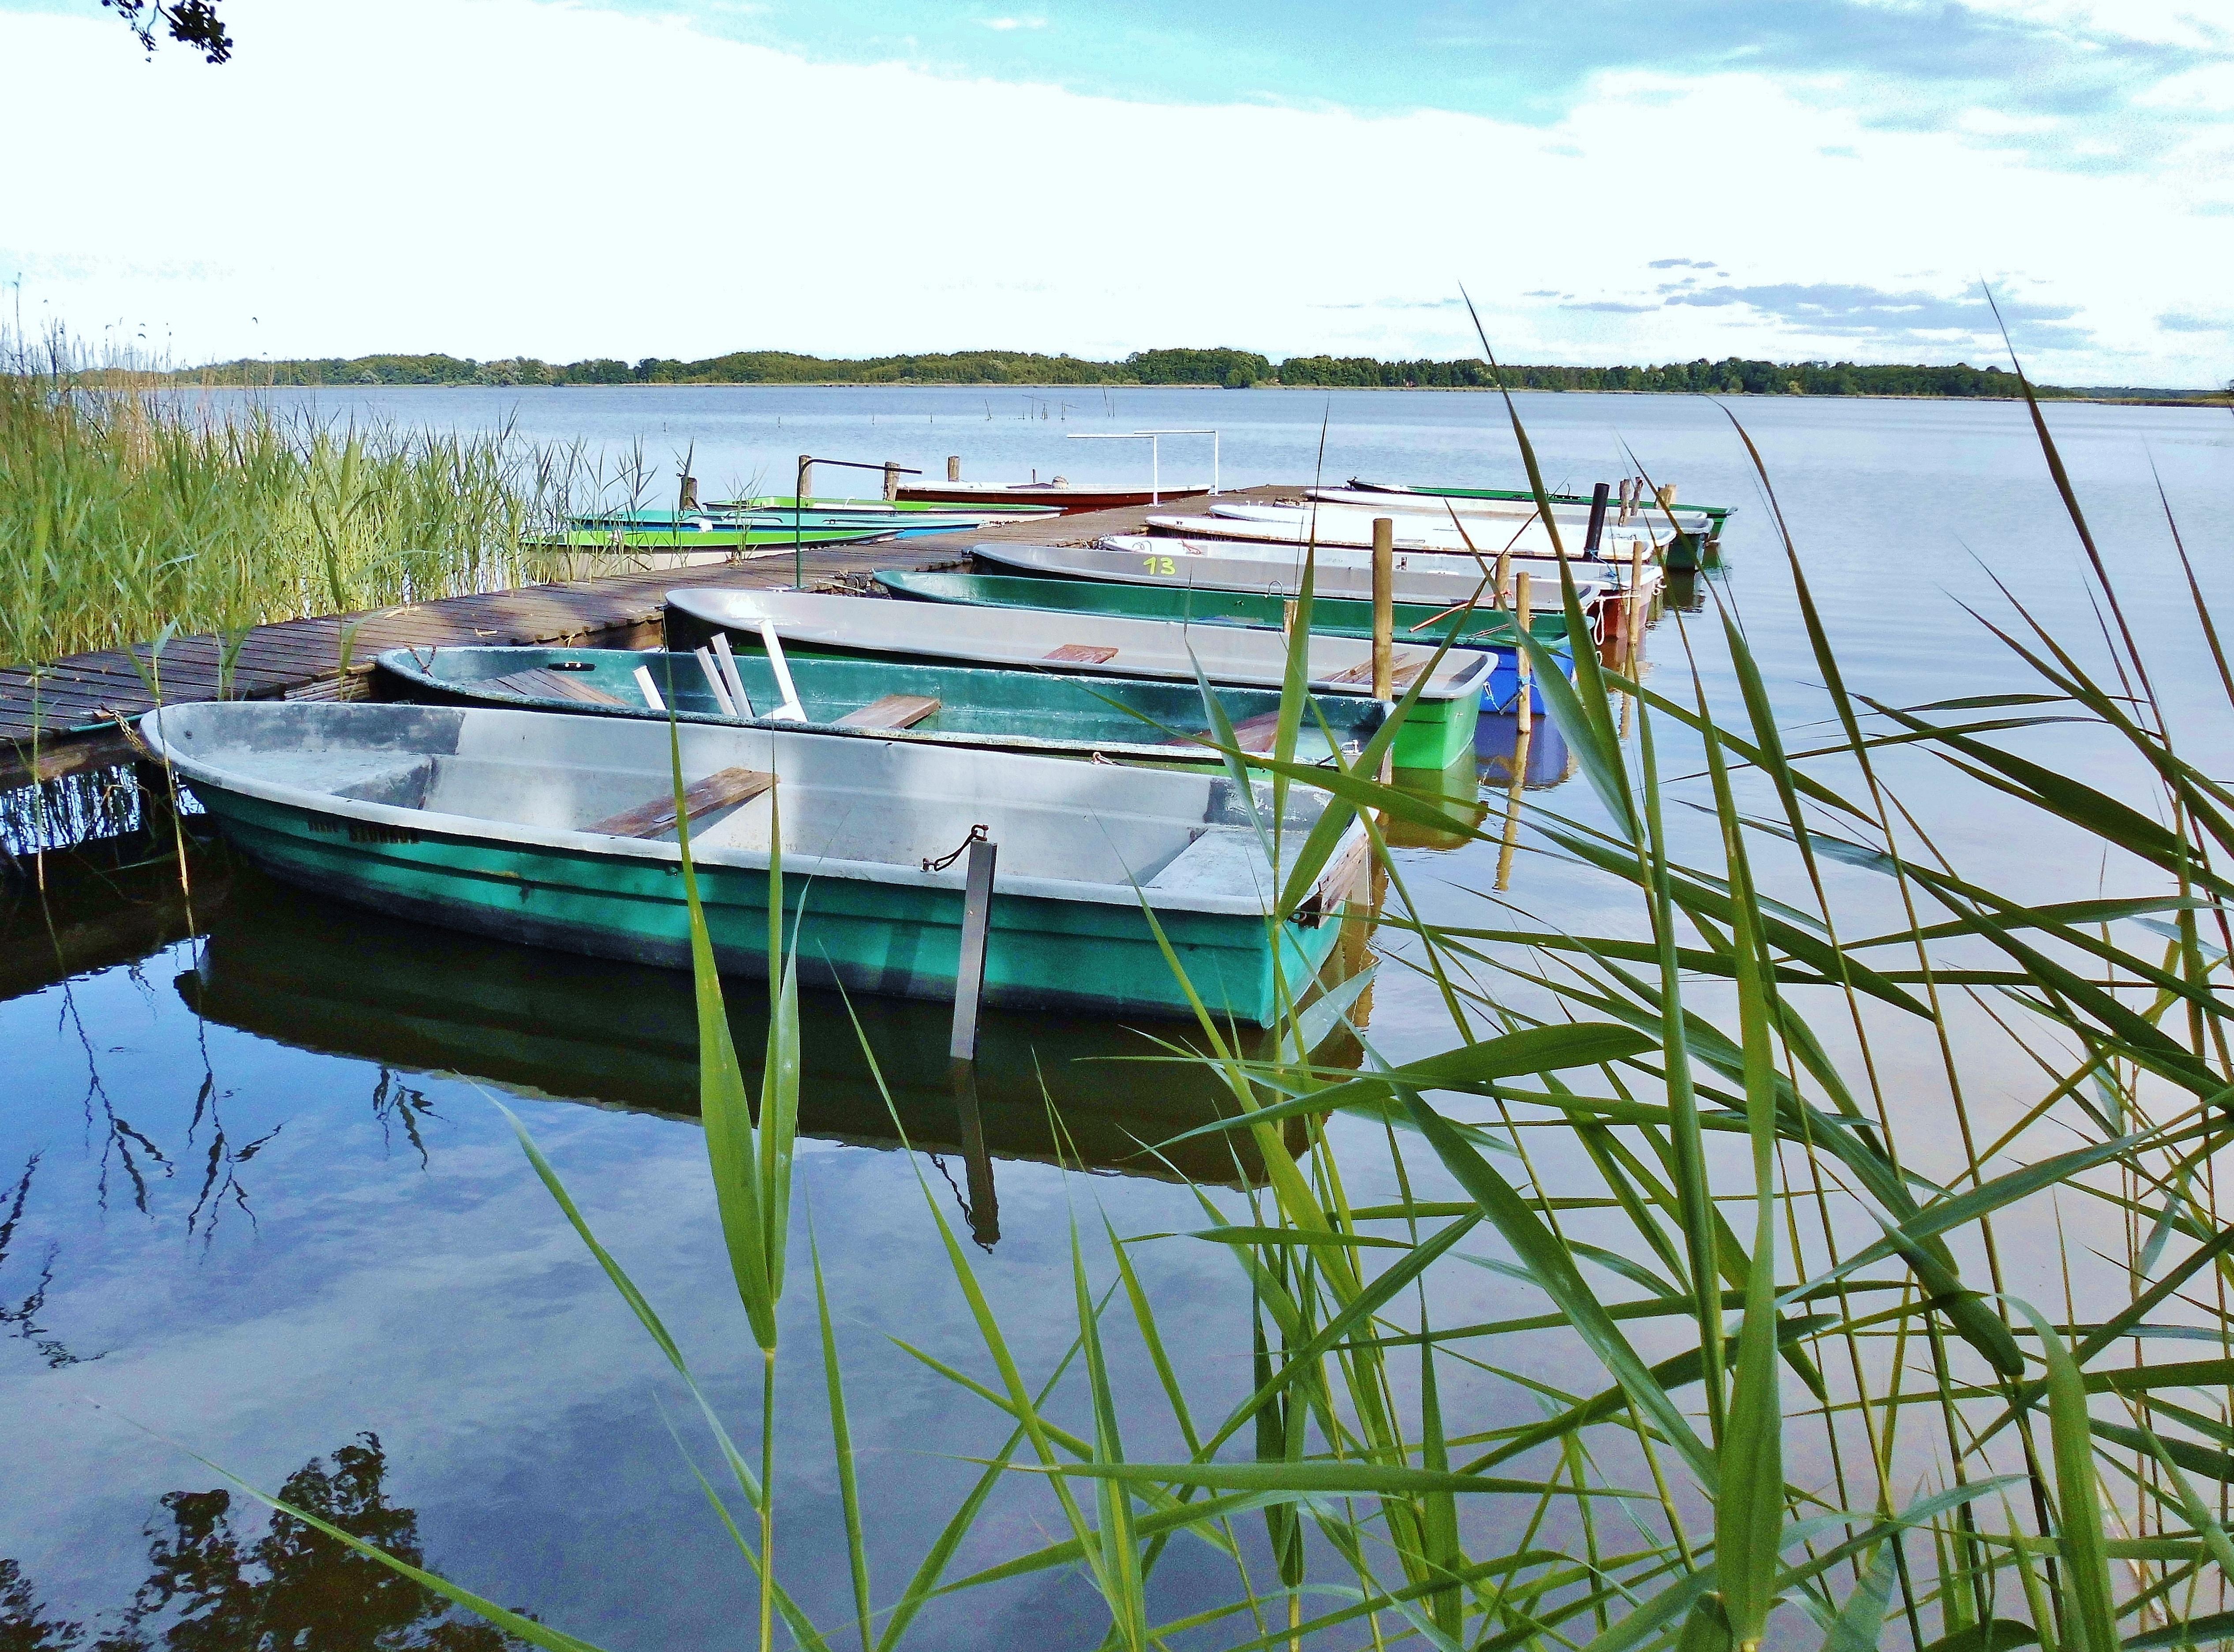 96a1ab647 more voda dok čln jazero web vozidlo lodičky lode rybárske lode plavidlá  veslovanie